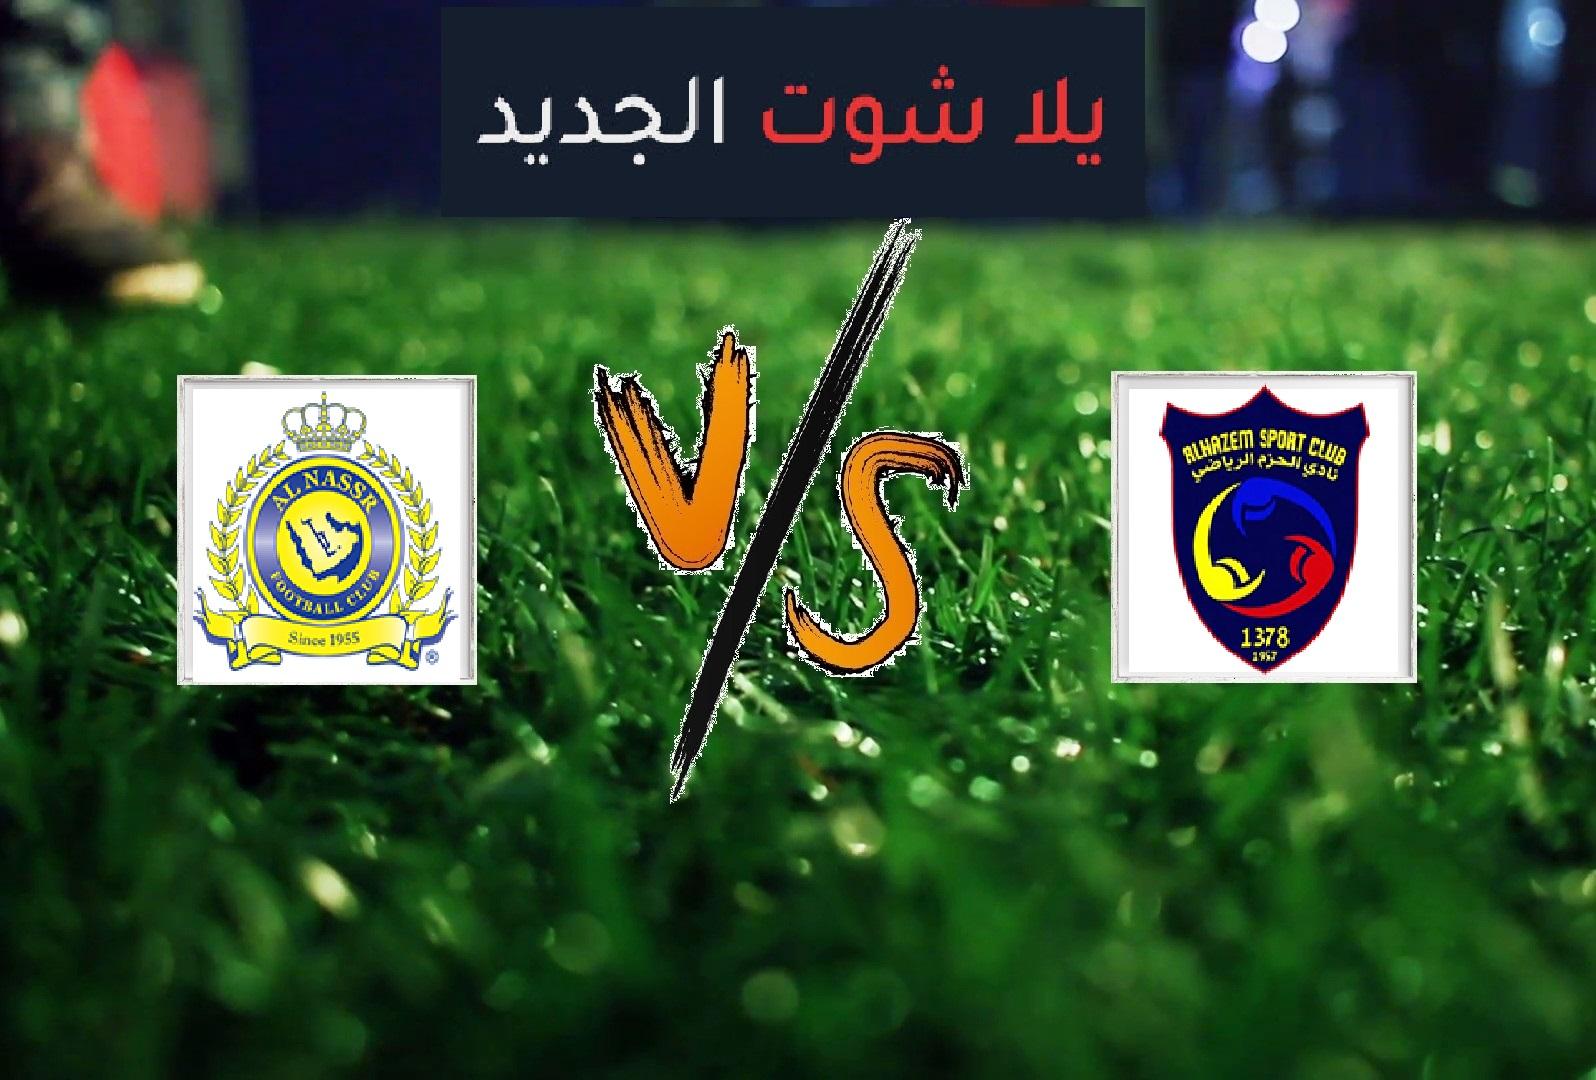 نتيجة مباراة النصر والحزم اليوم السبت بتاريخ 11-05-2019 الدوري السعودي